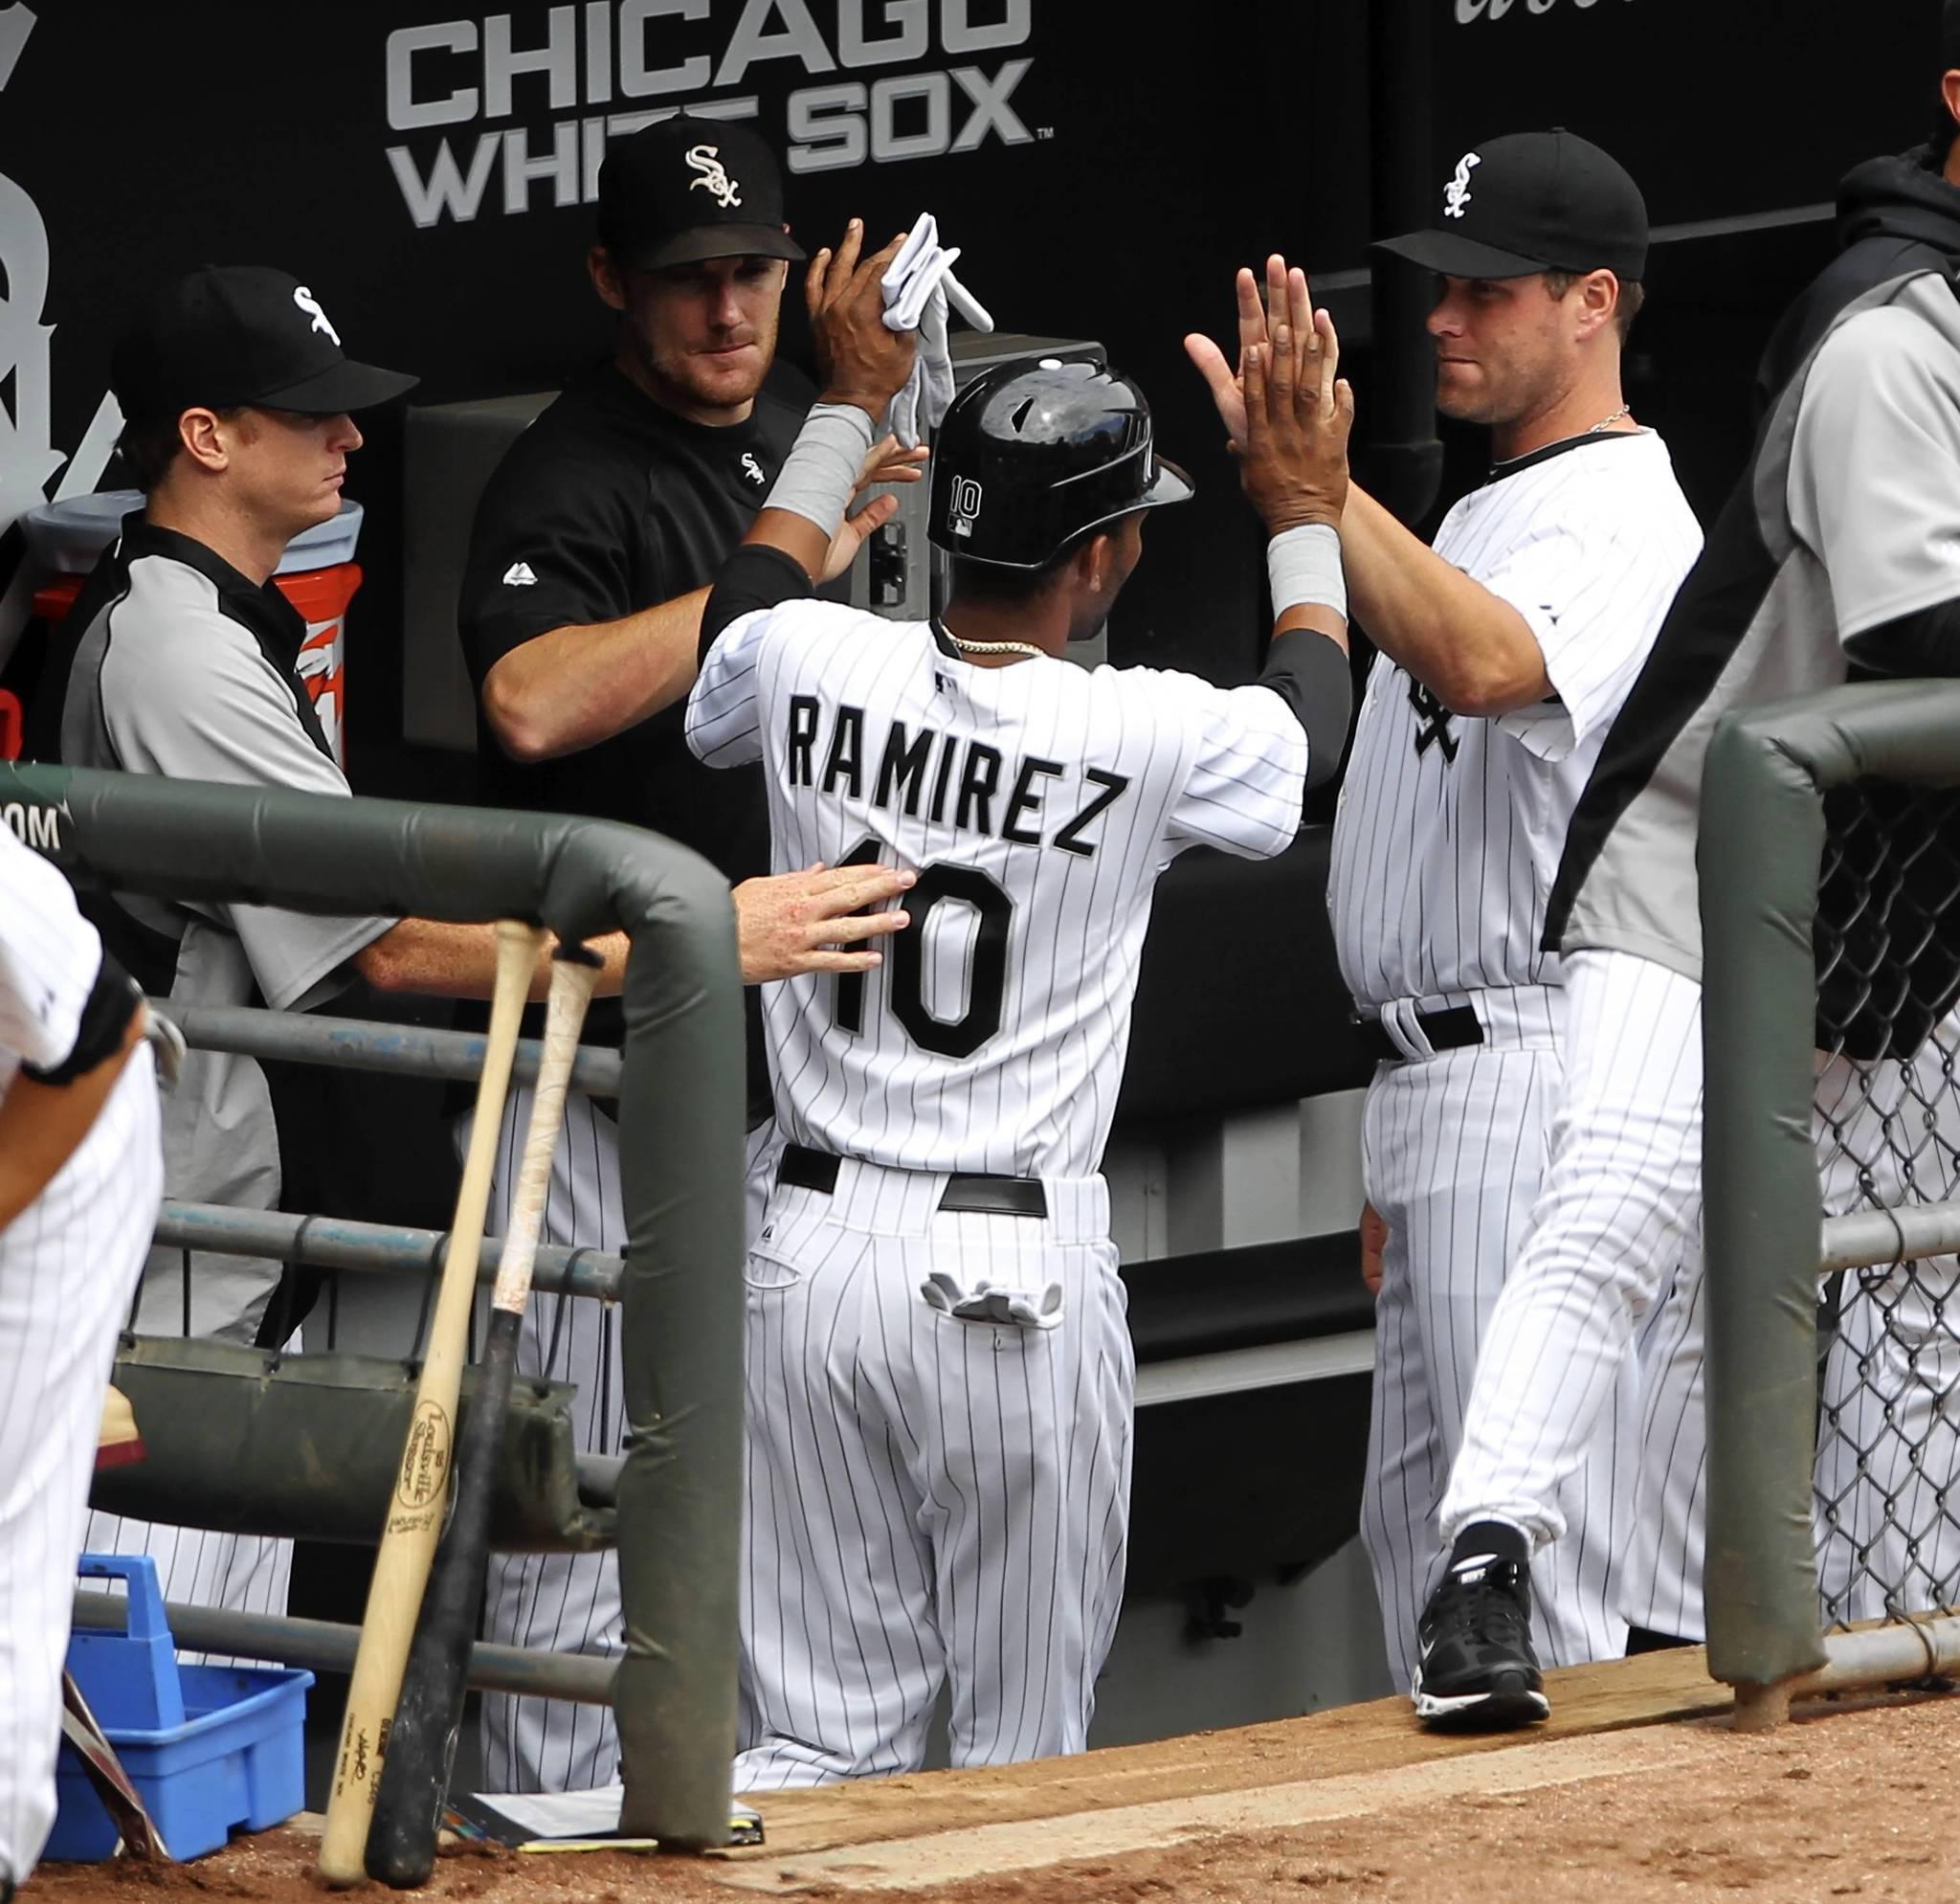 White Sox decline $10 million option on shortstop Alexei Ramirez